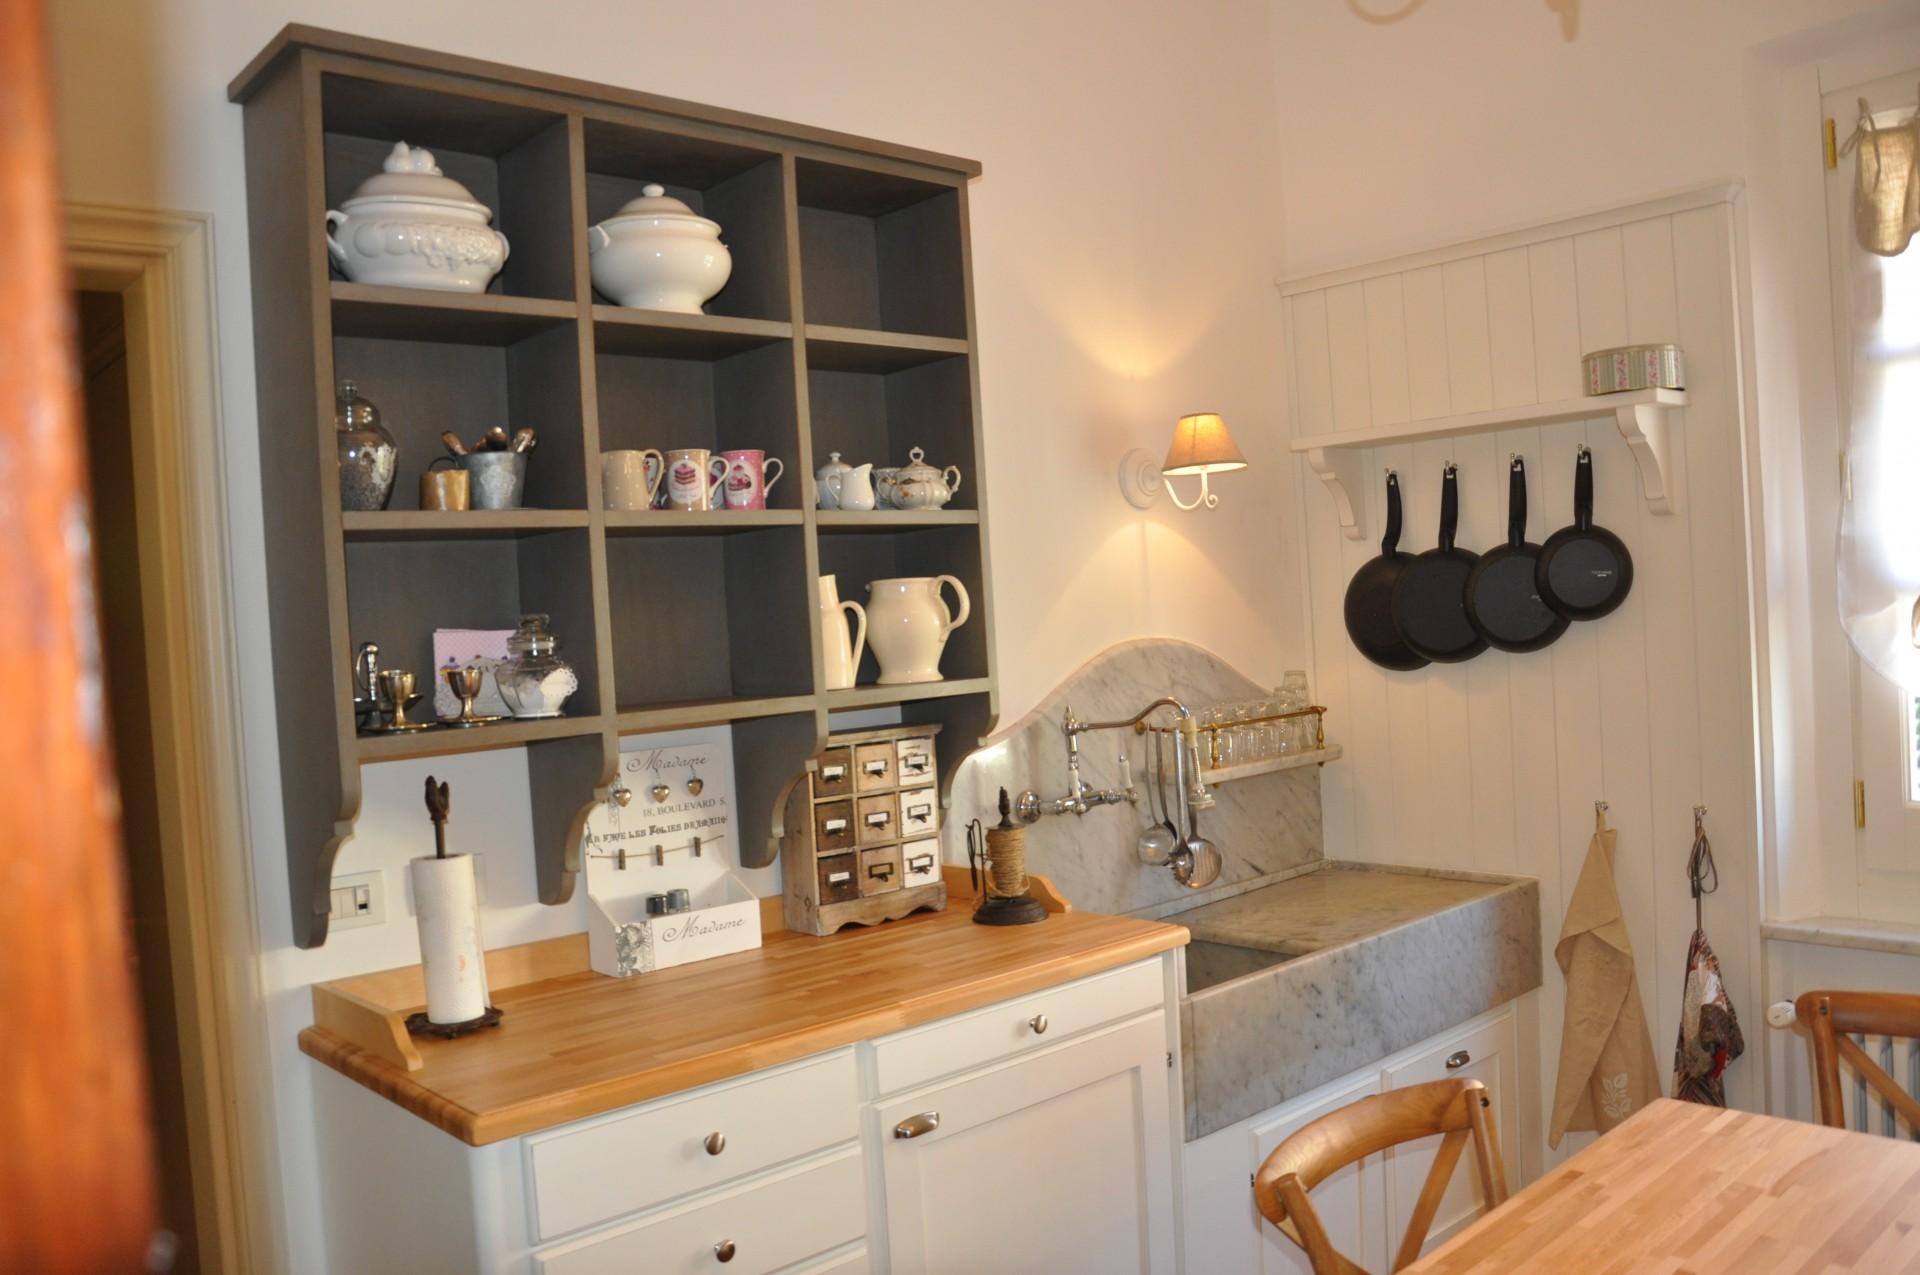 Cucina in legno di rovere fadini mobili cerea verona for Case rustiche interni